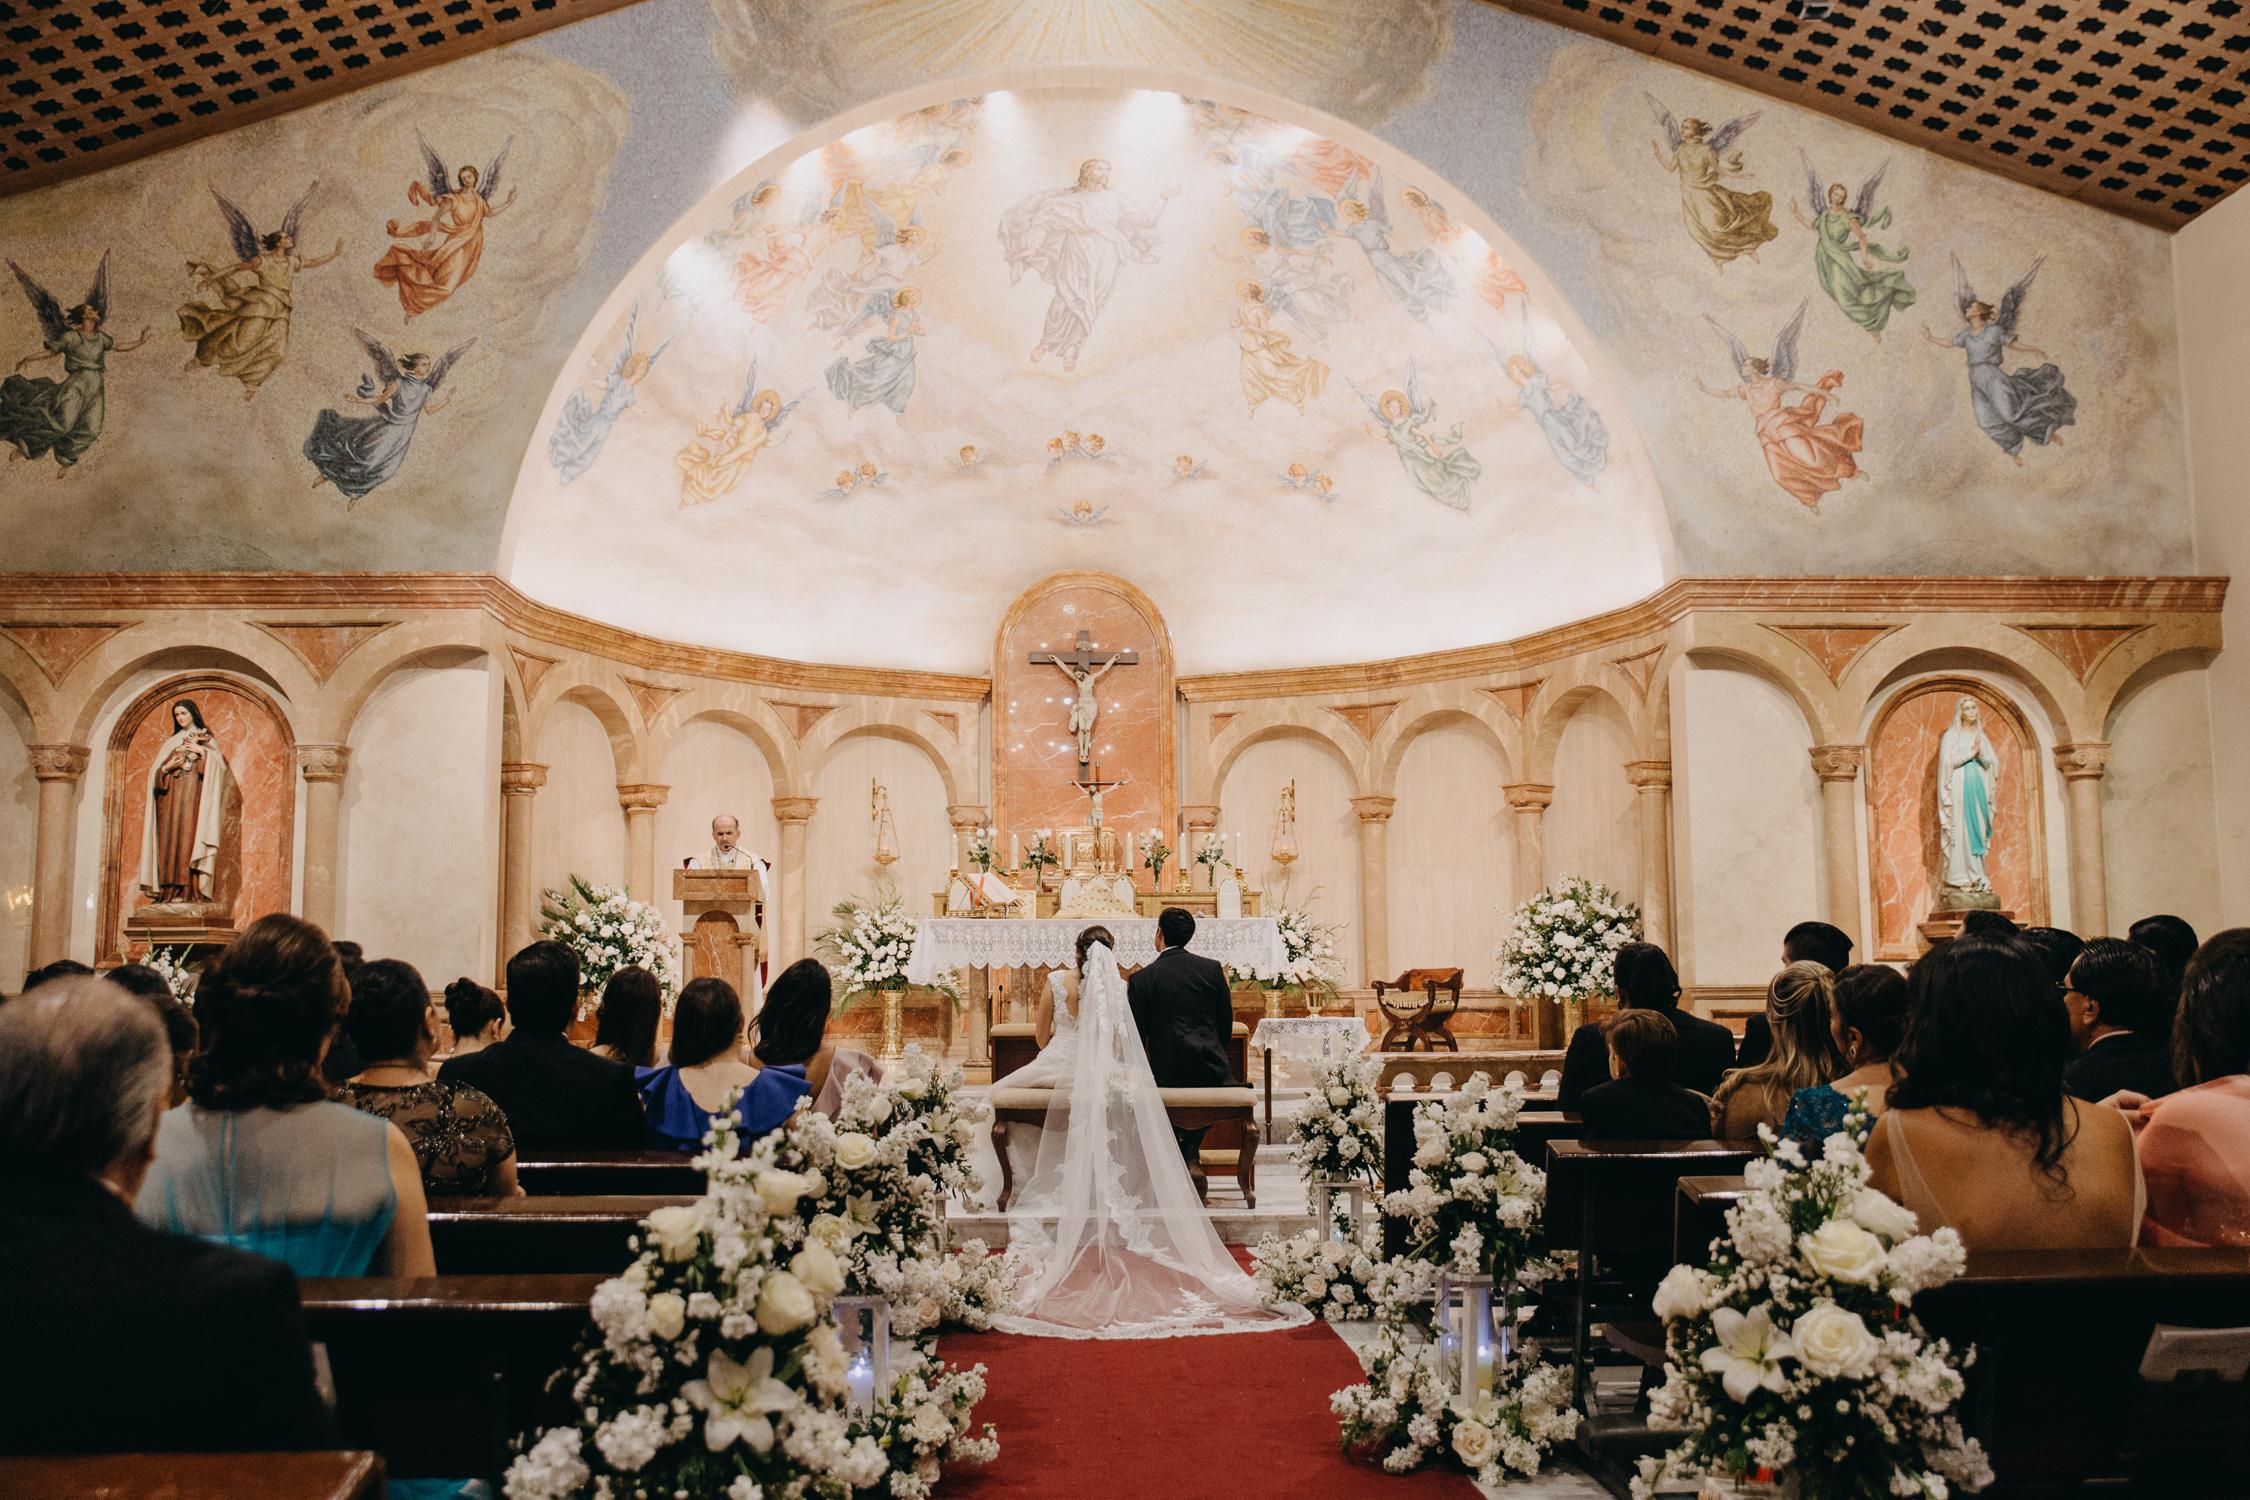 Michelle-Agurto-Fotografia-Bodas-Ecuador-Destination-Wedding-Photographer-Patricia-Guido-102.JPG